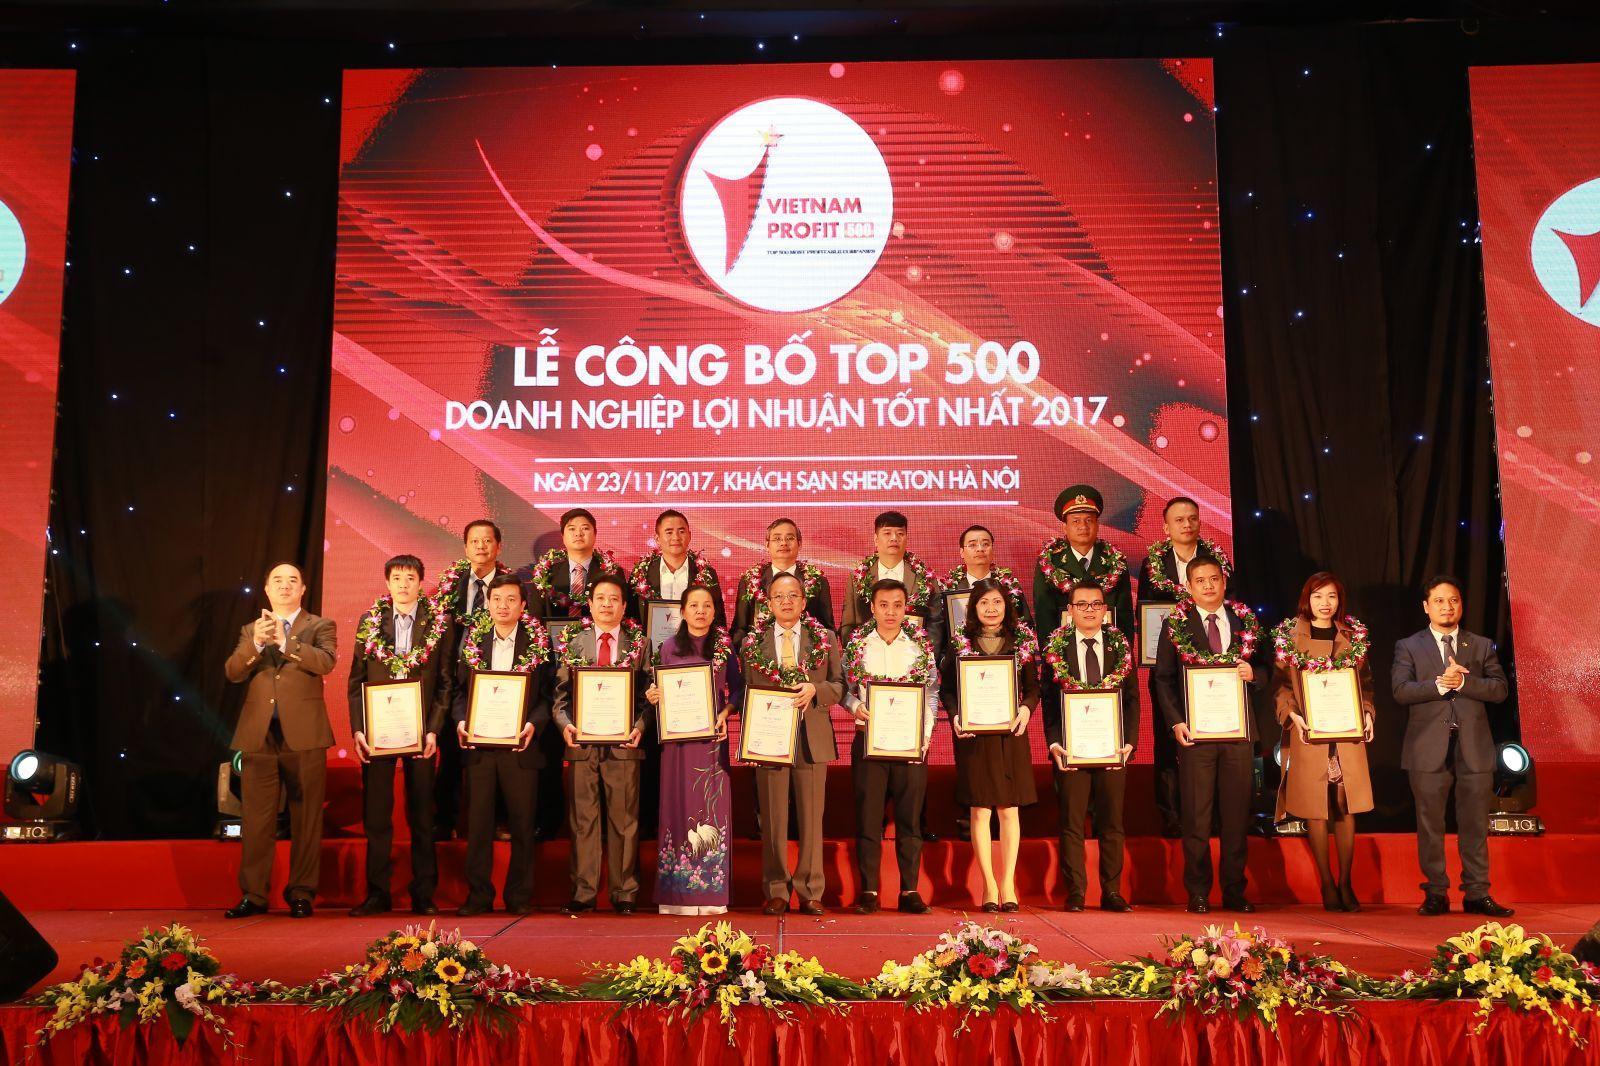 Bảng xếp hạng Profit500: Điểm mặt 500 doanh nghiệp lợi nhuận tốt nhất Việt Nam 2018